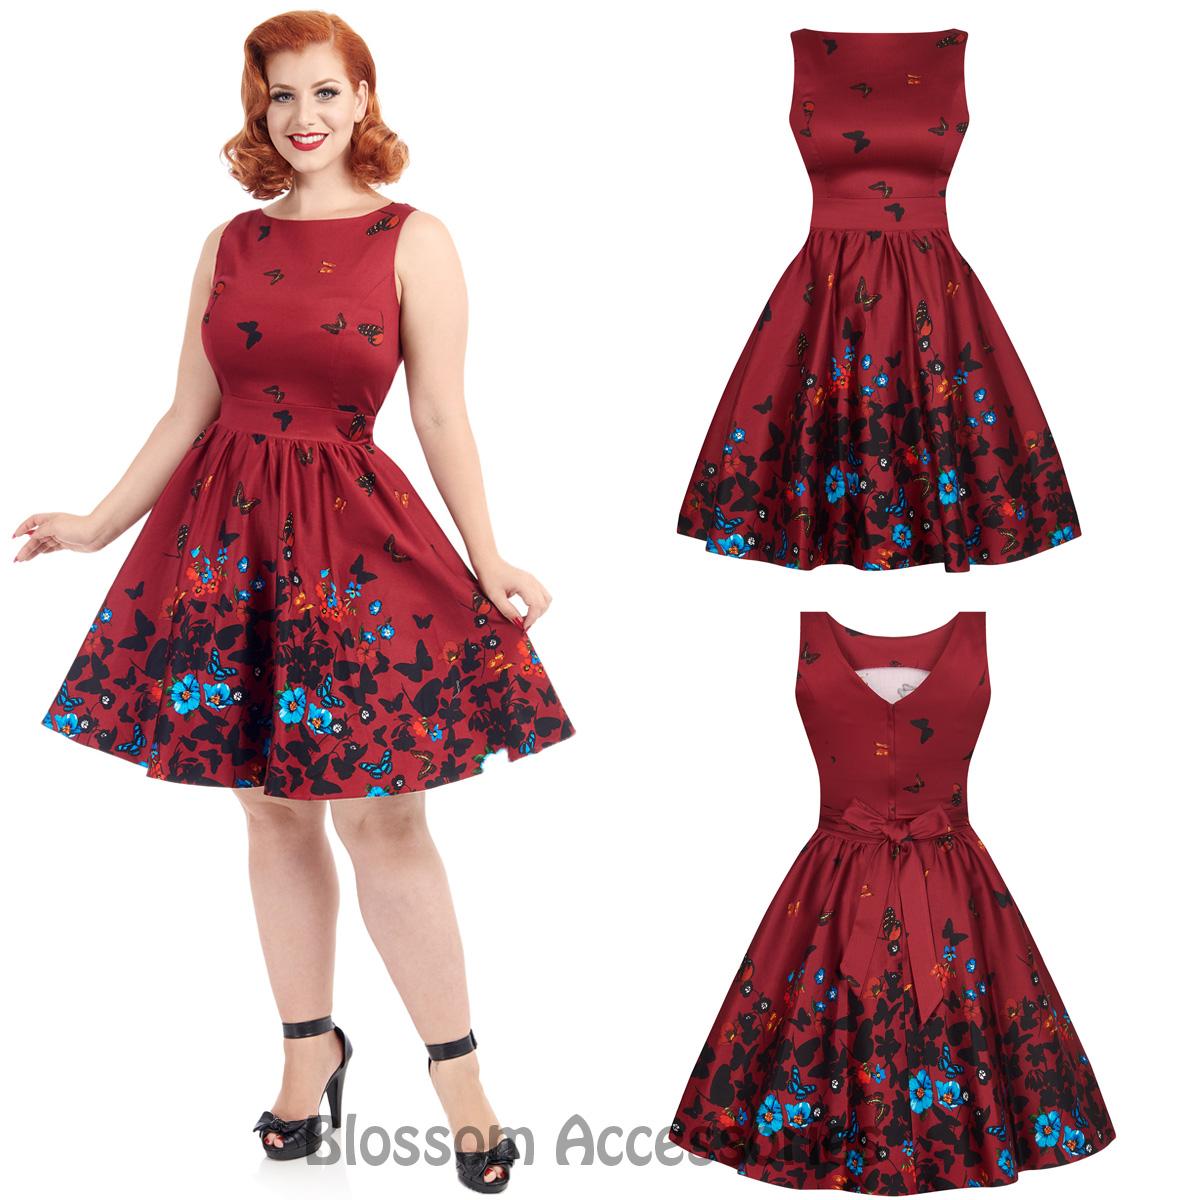 RKL38-Lady-Vintage-London-Red-Butterfly-Dress-50s-Party-Rockabilly-Swing-Retro